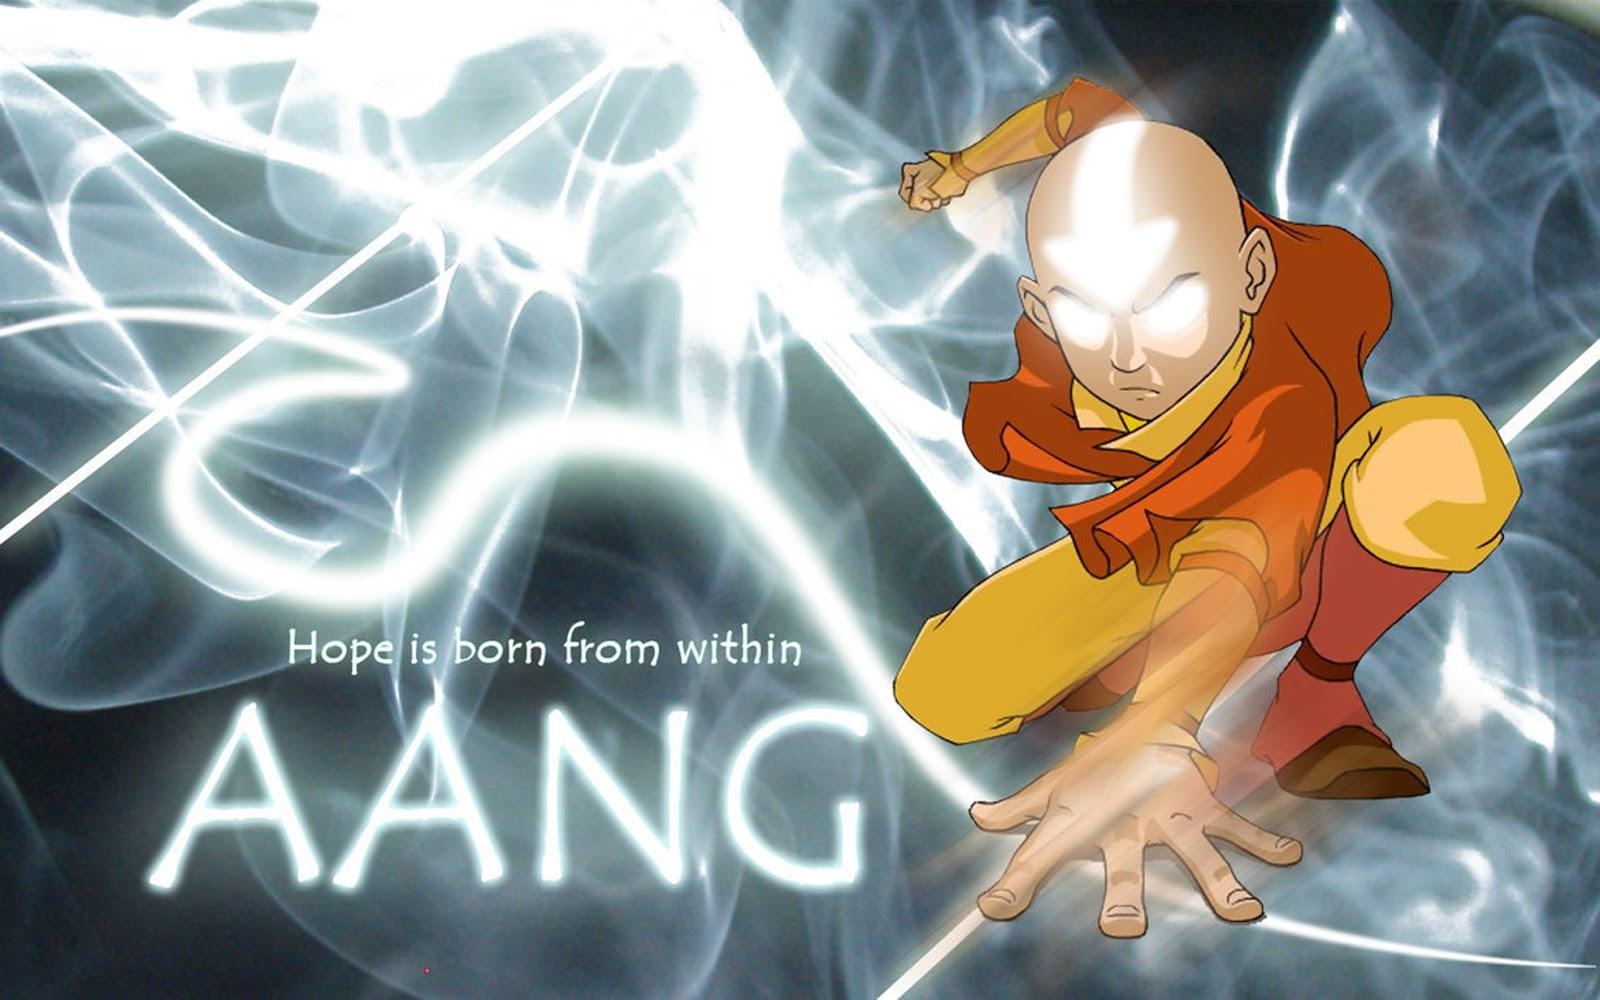 avatar aang wallpaper